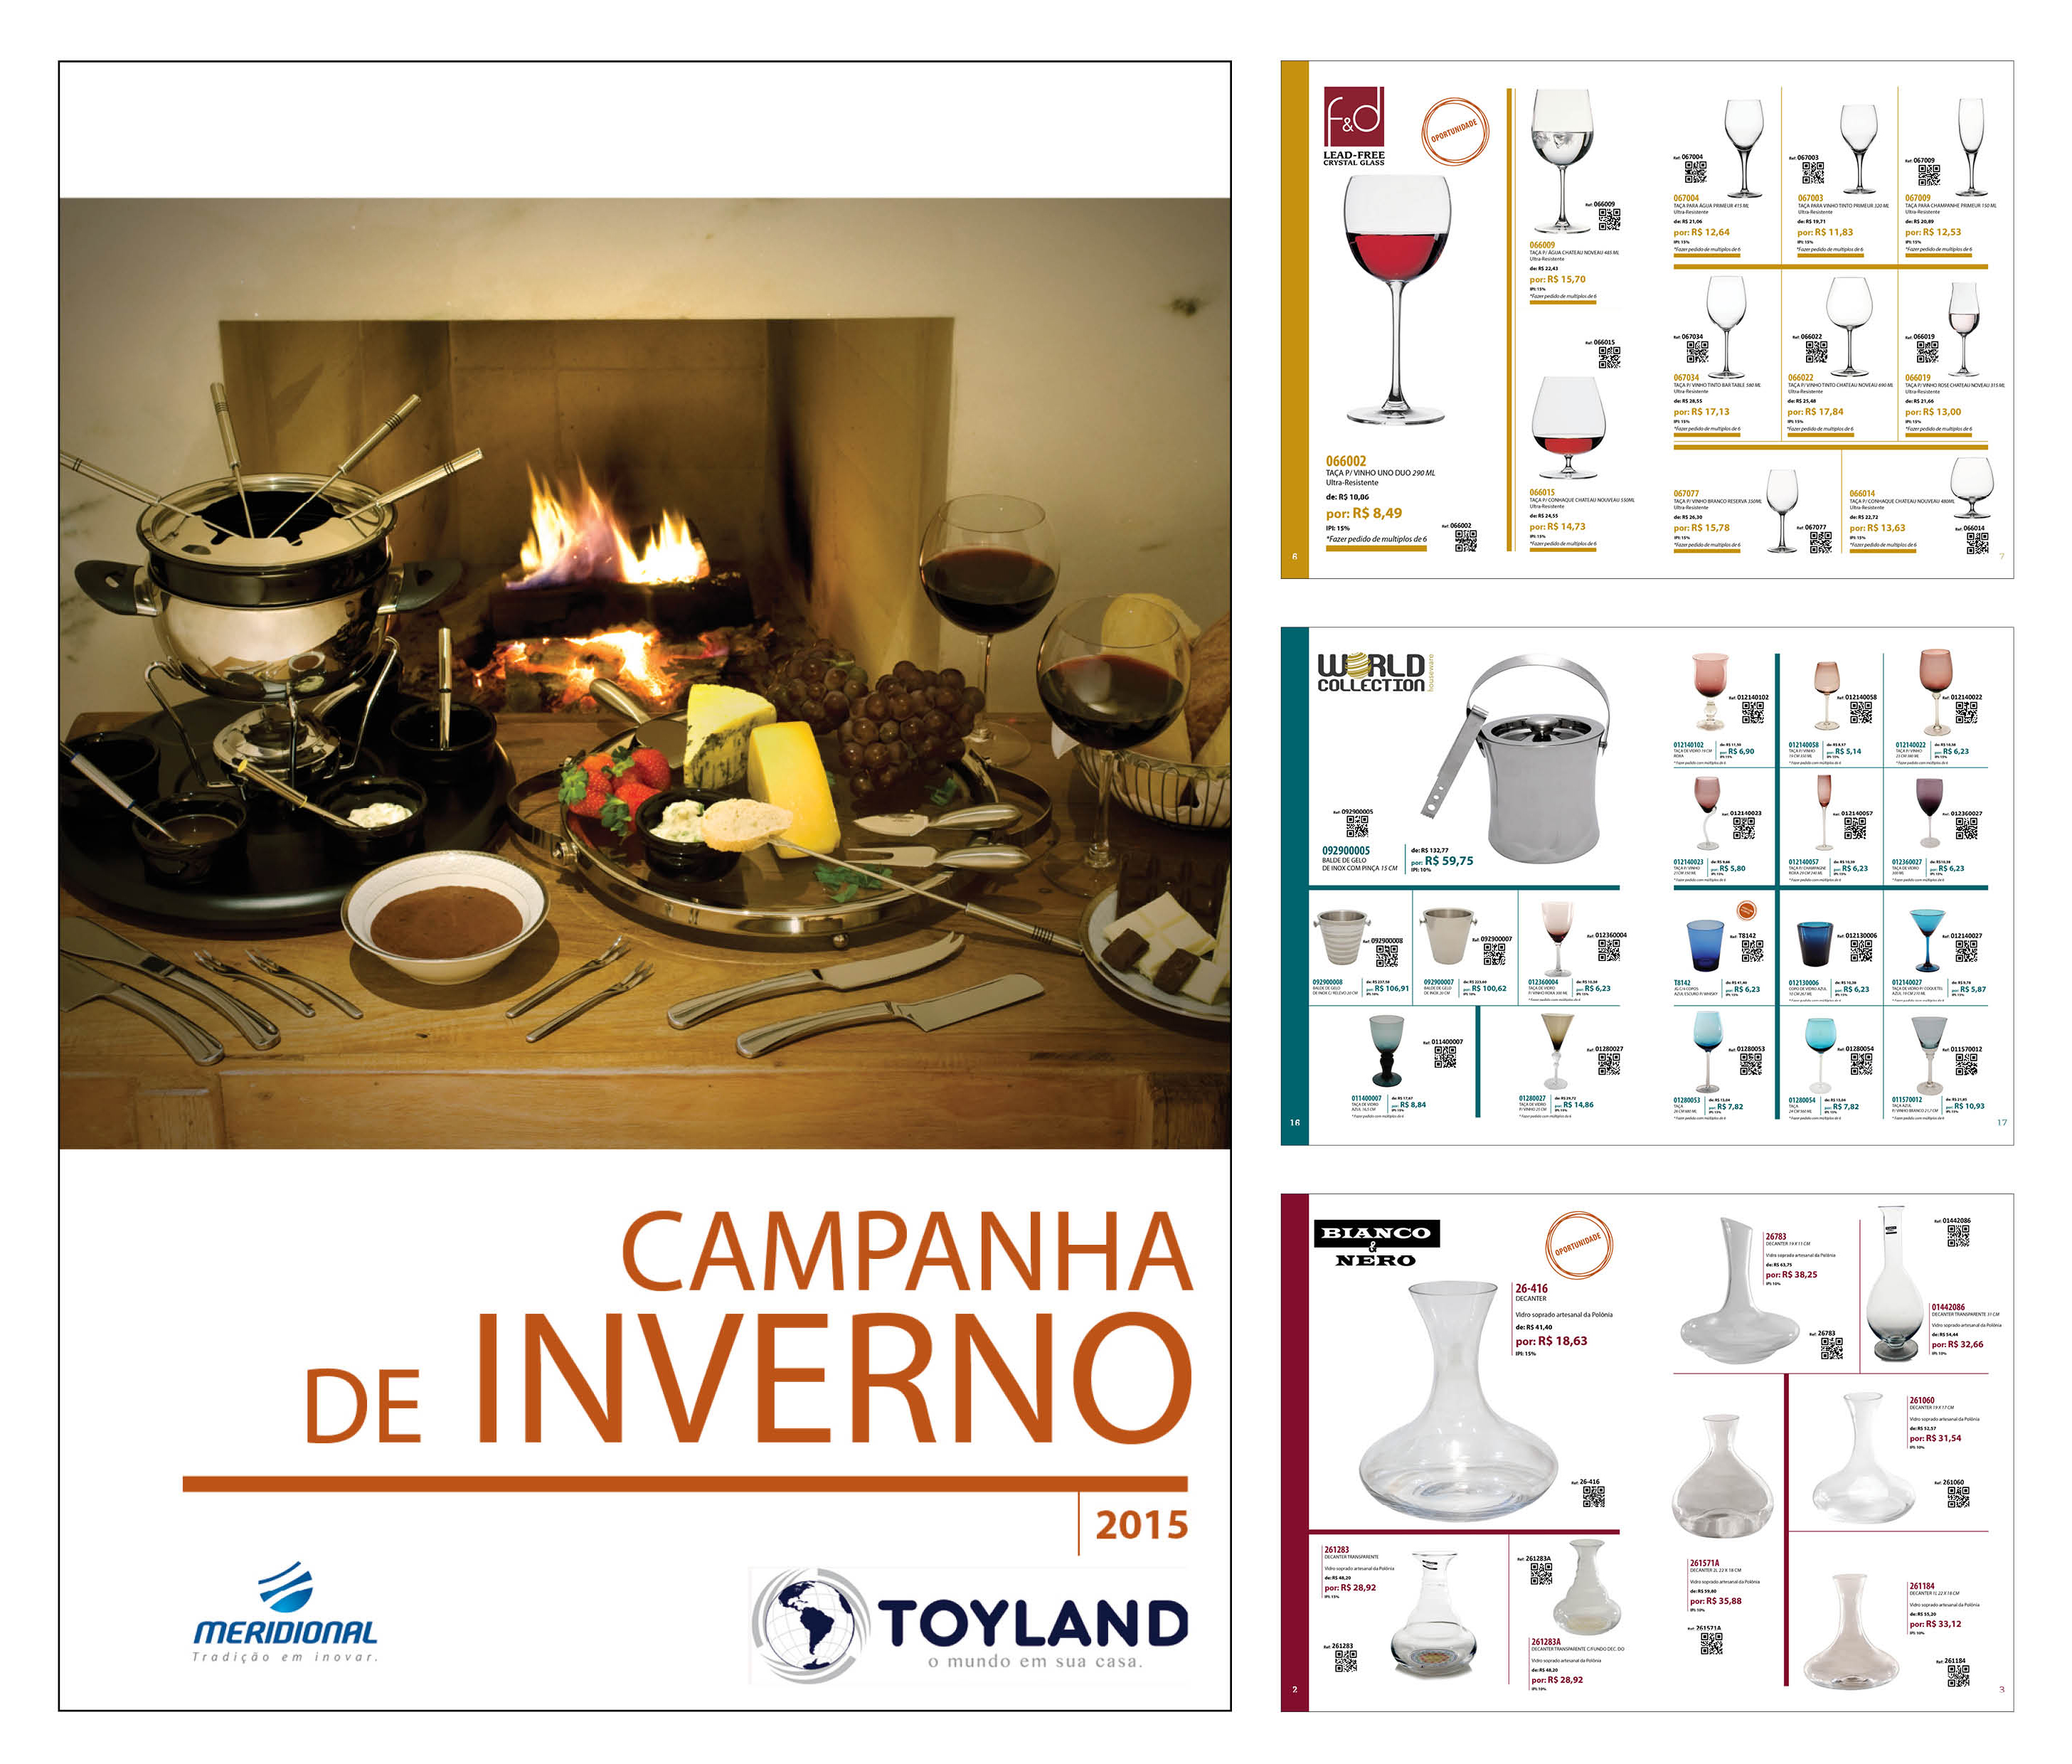 CatálogoToyland